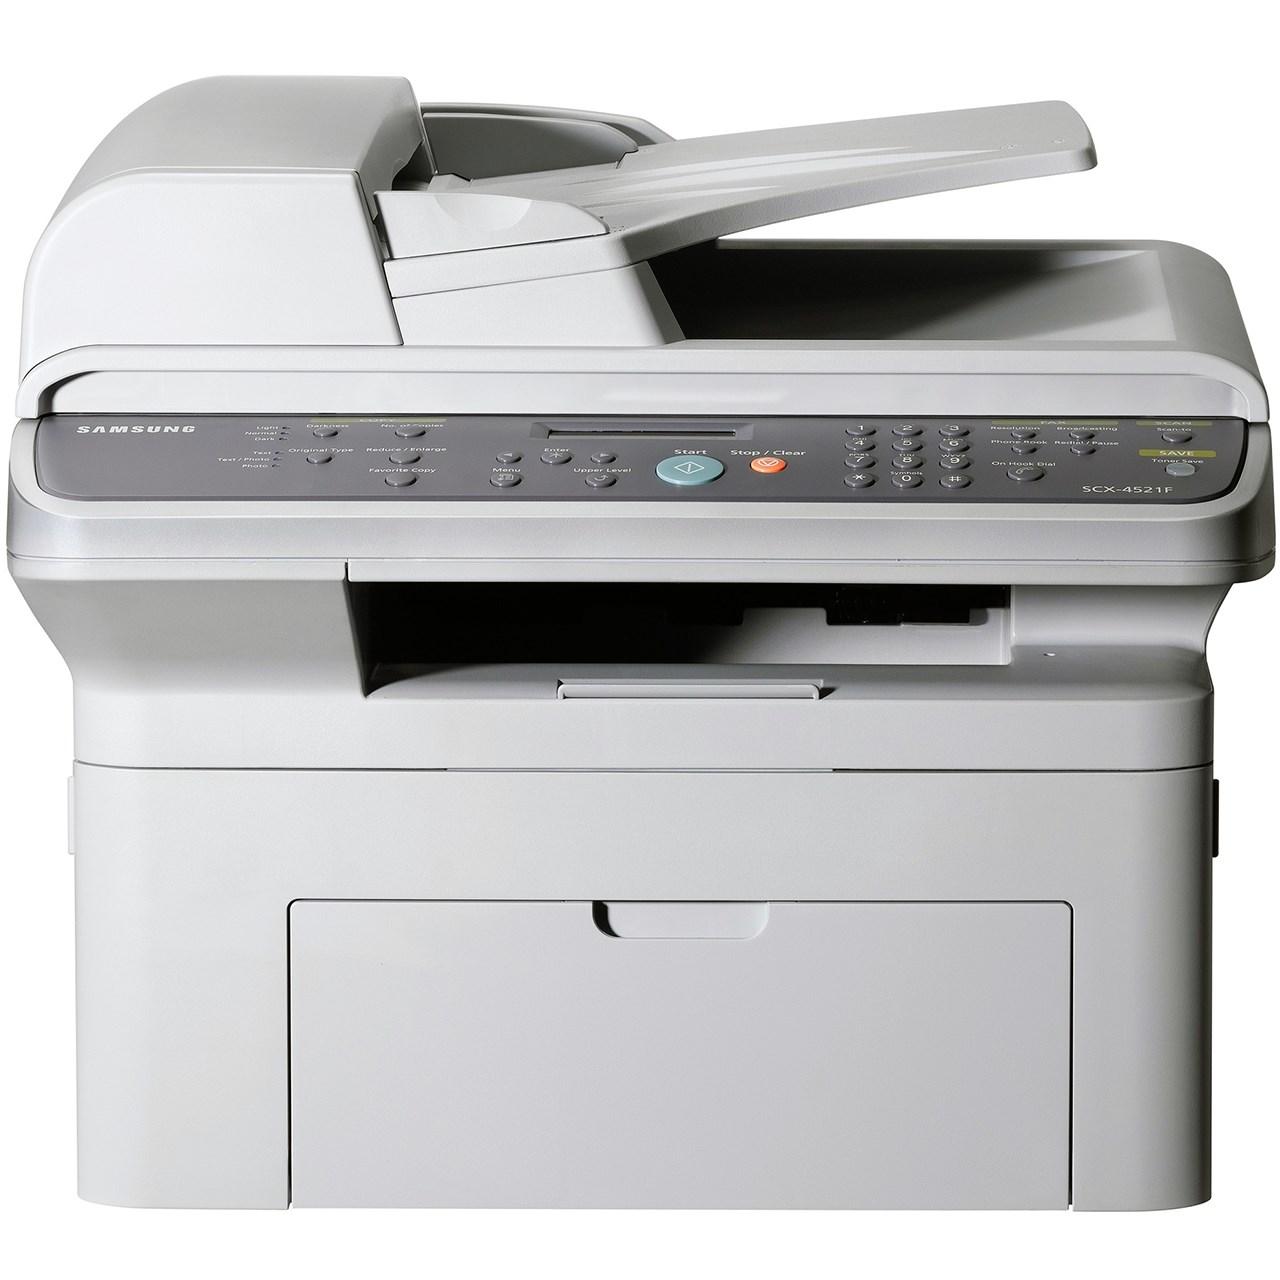 سامسونگ اس سی ایکس - 4521 اف